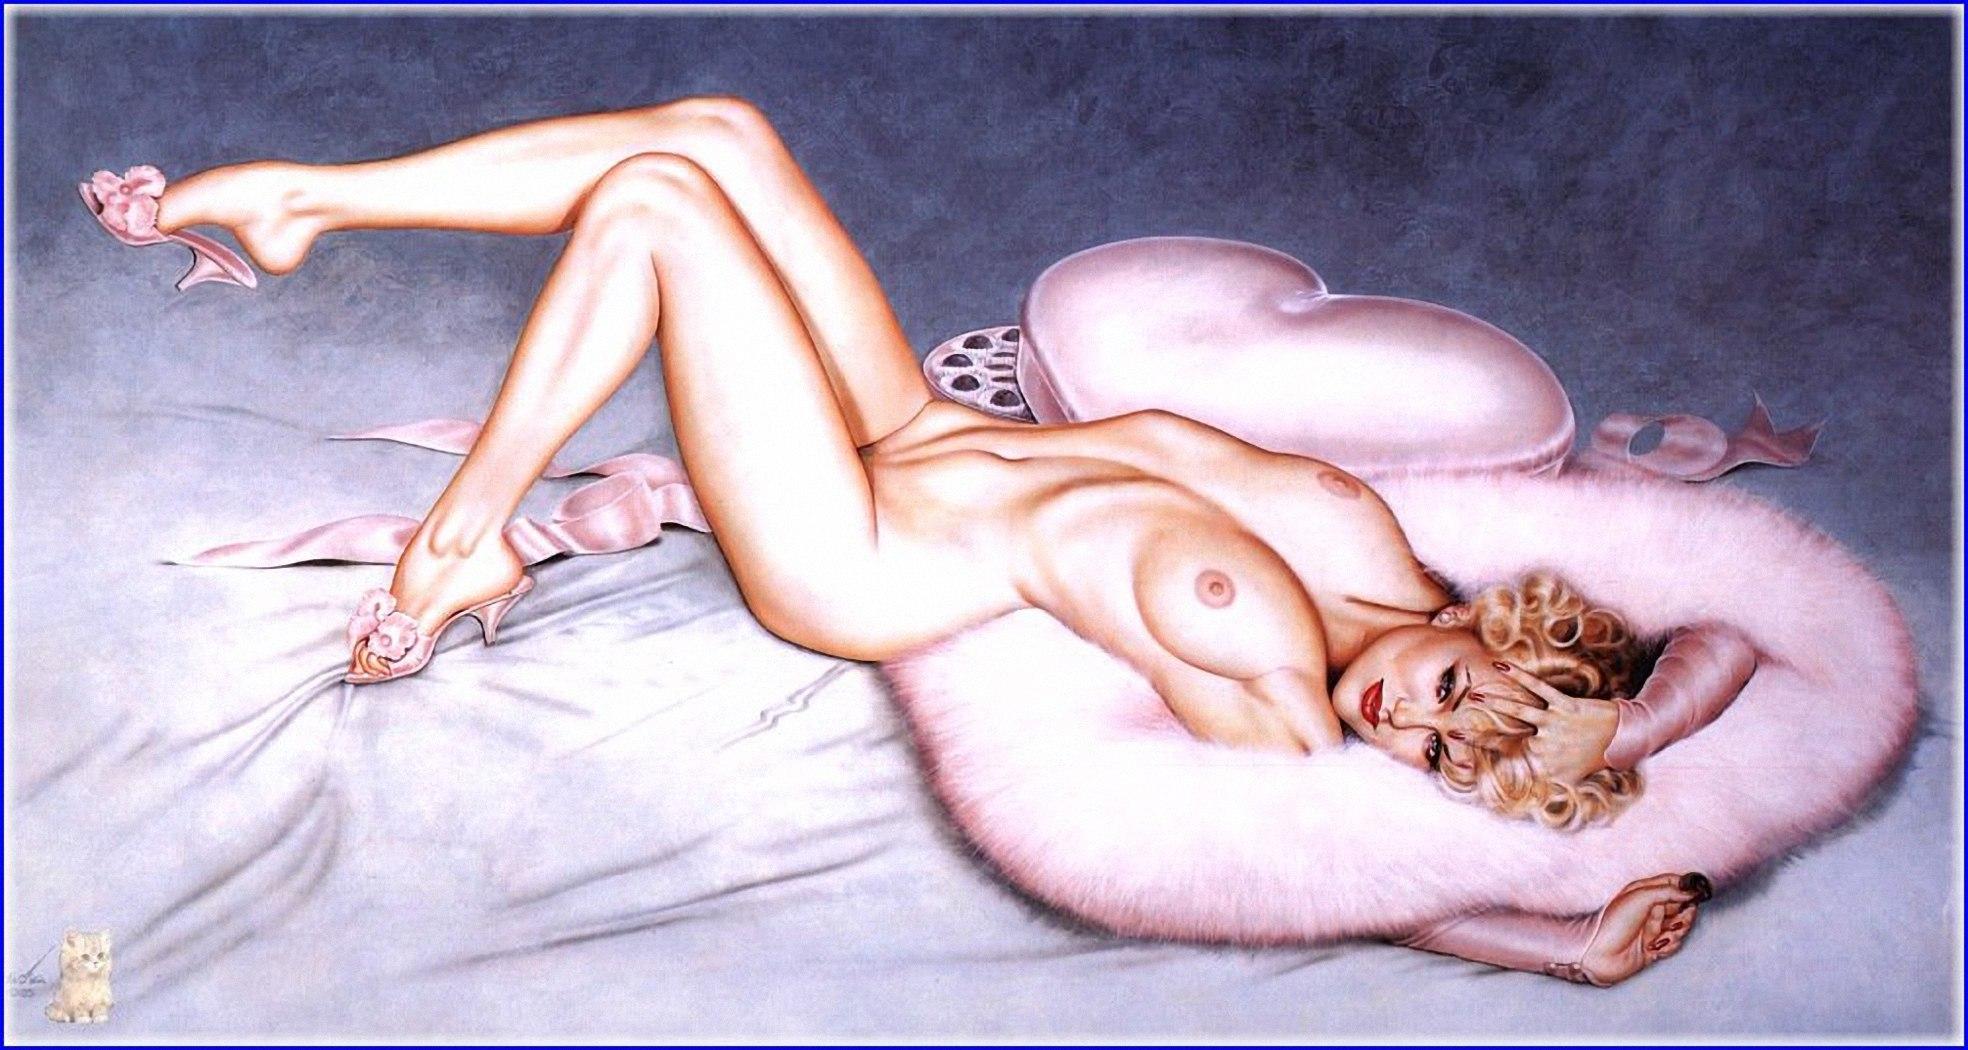 Рисованные эротические сюжеты 16 фотография